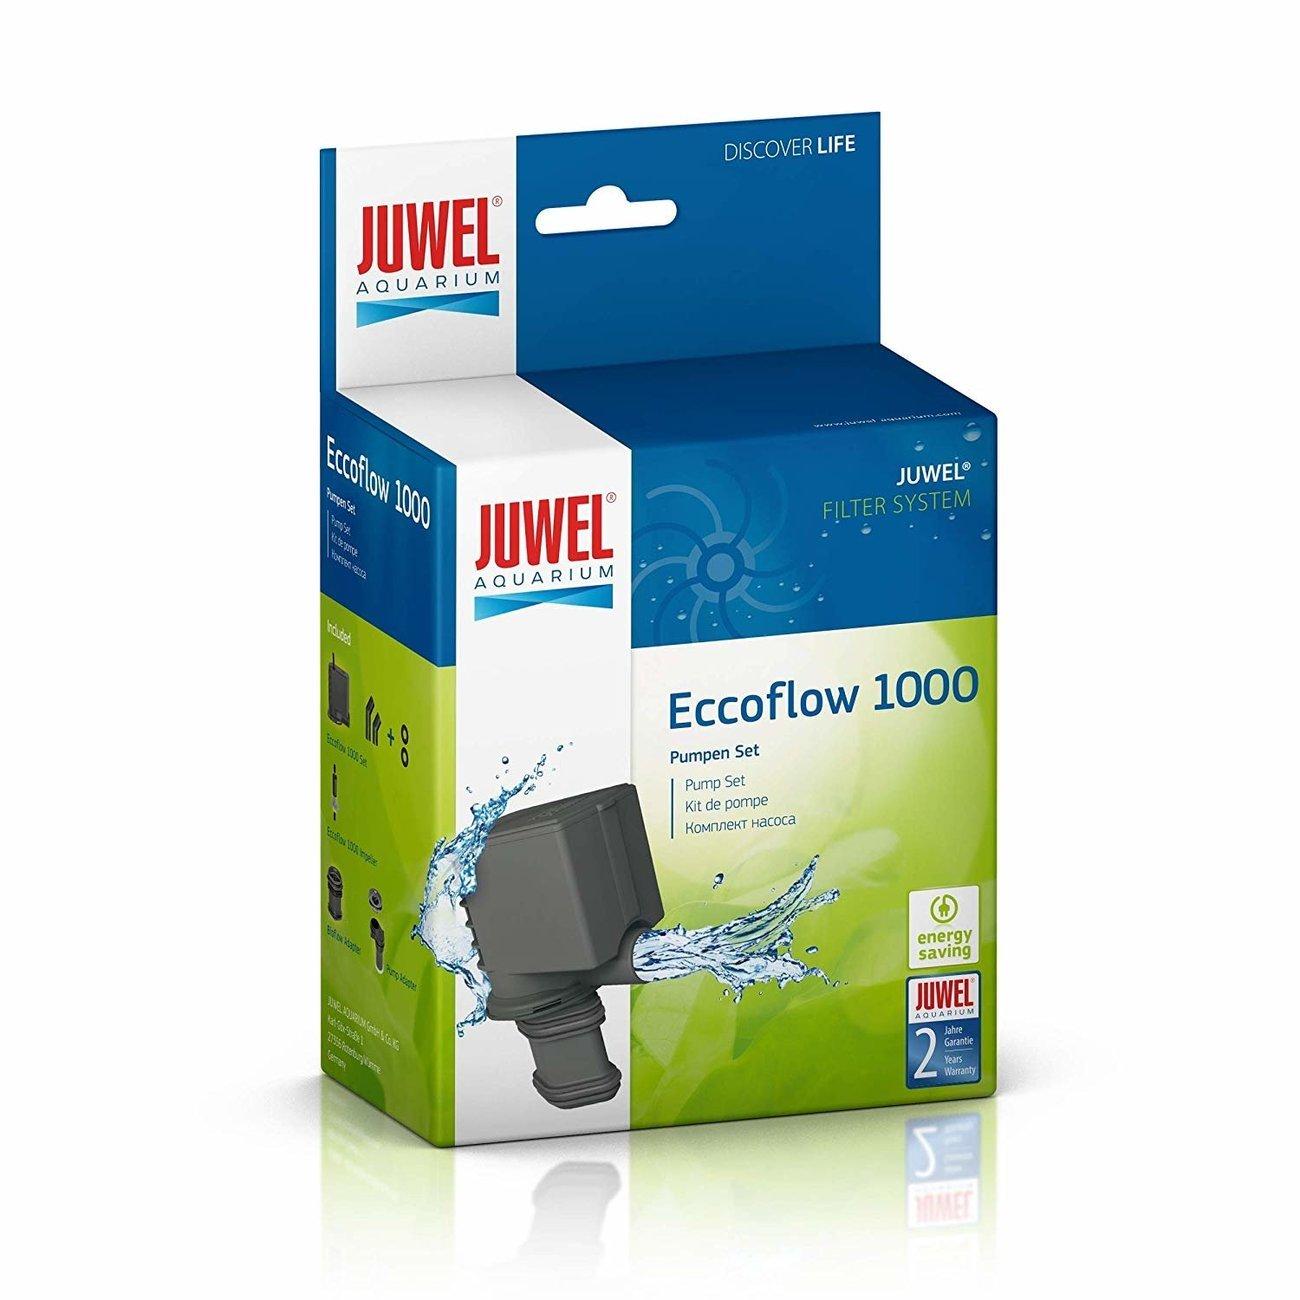 Juwel Eccoflow Pumpe, Bild 11